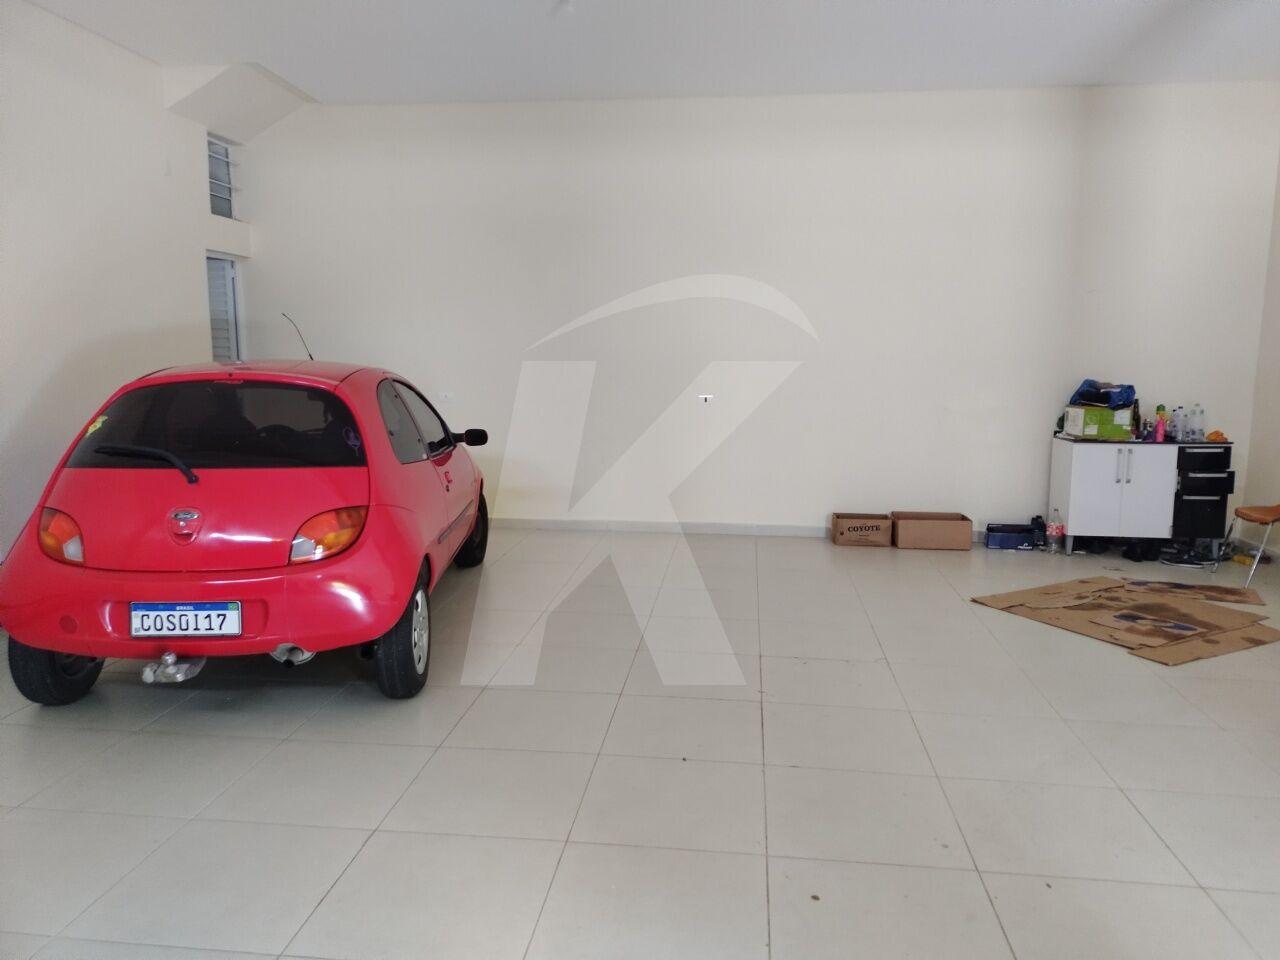 Alugar - Salão Comercial - Vila Guilherme - 0 dormitórios.